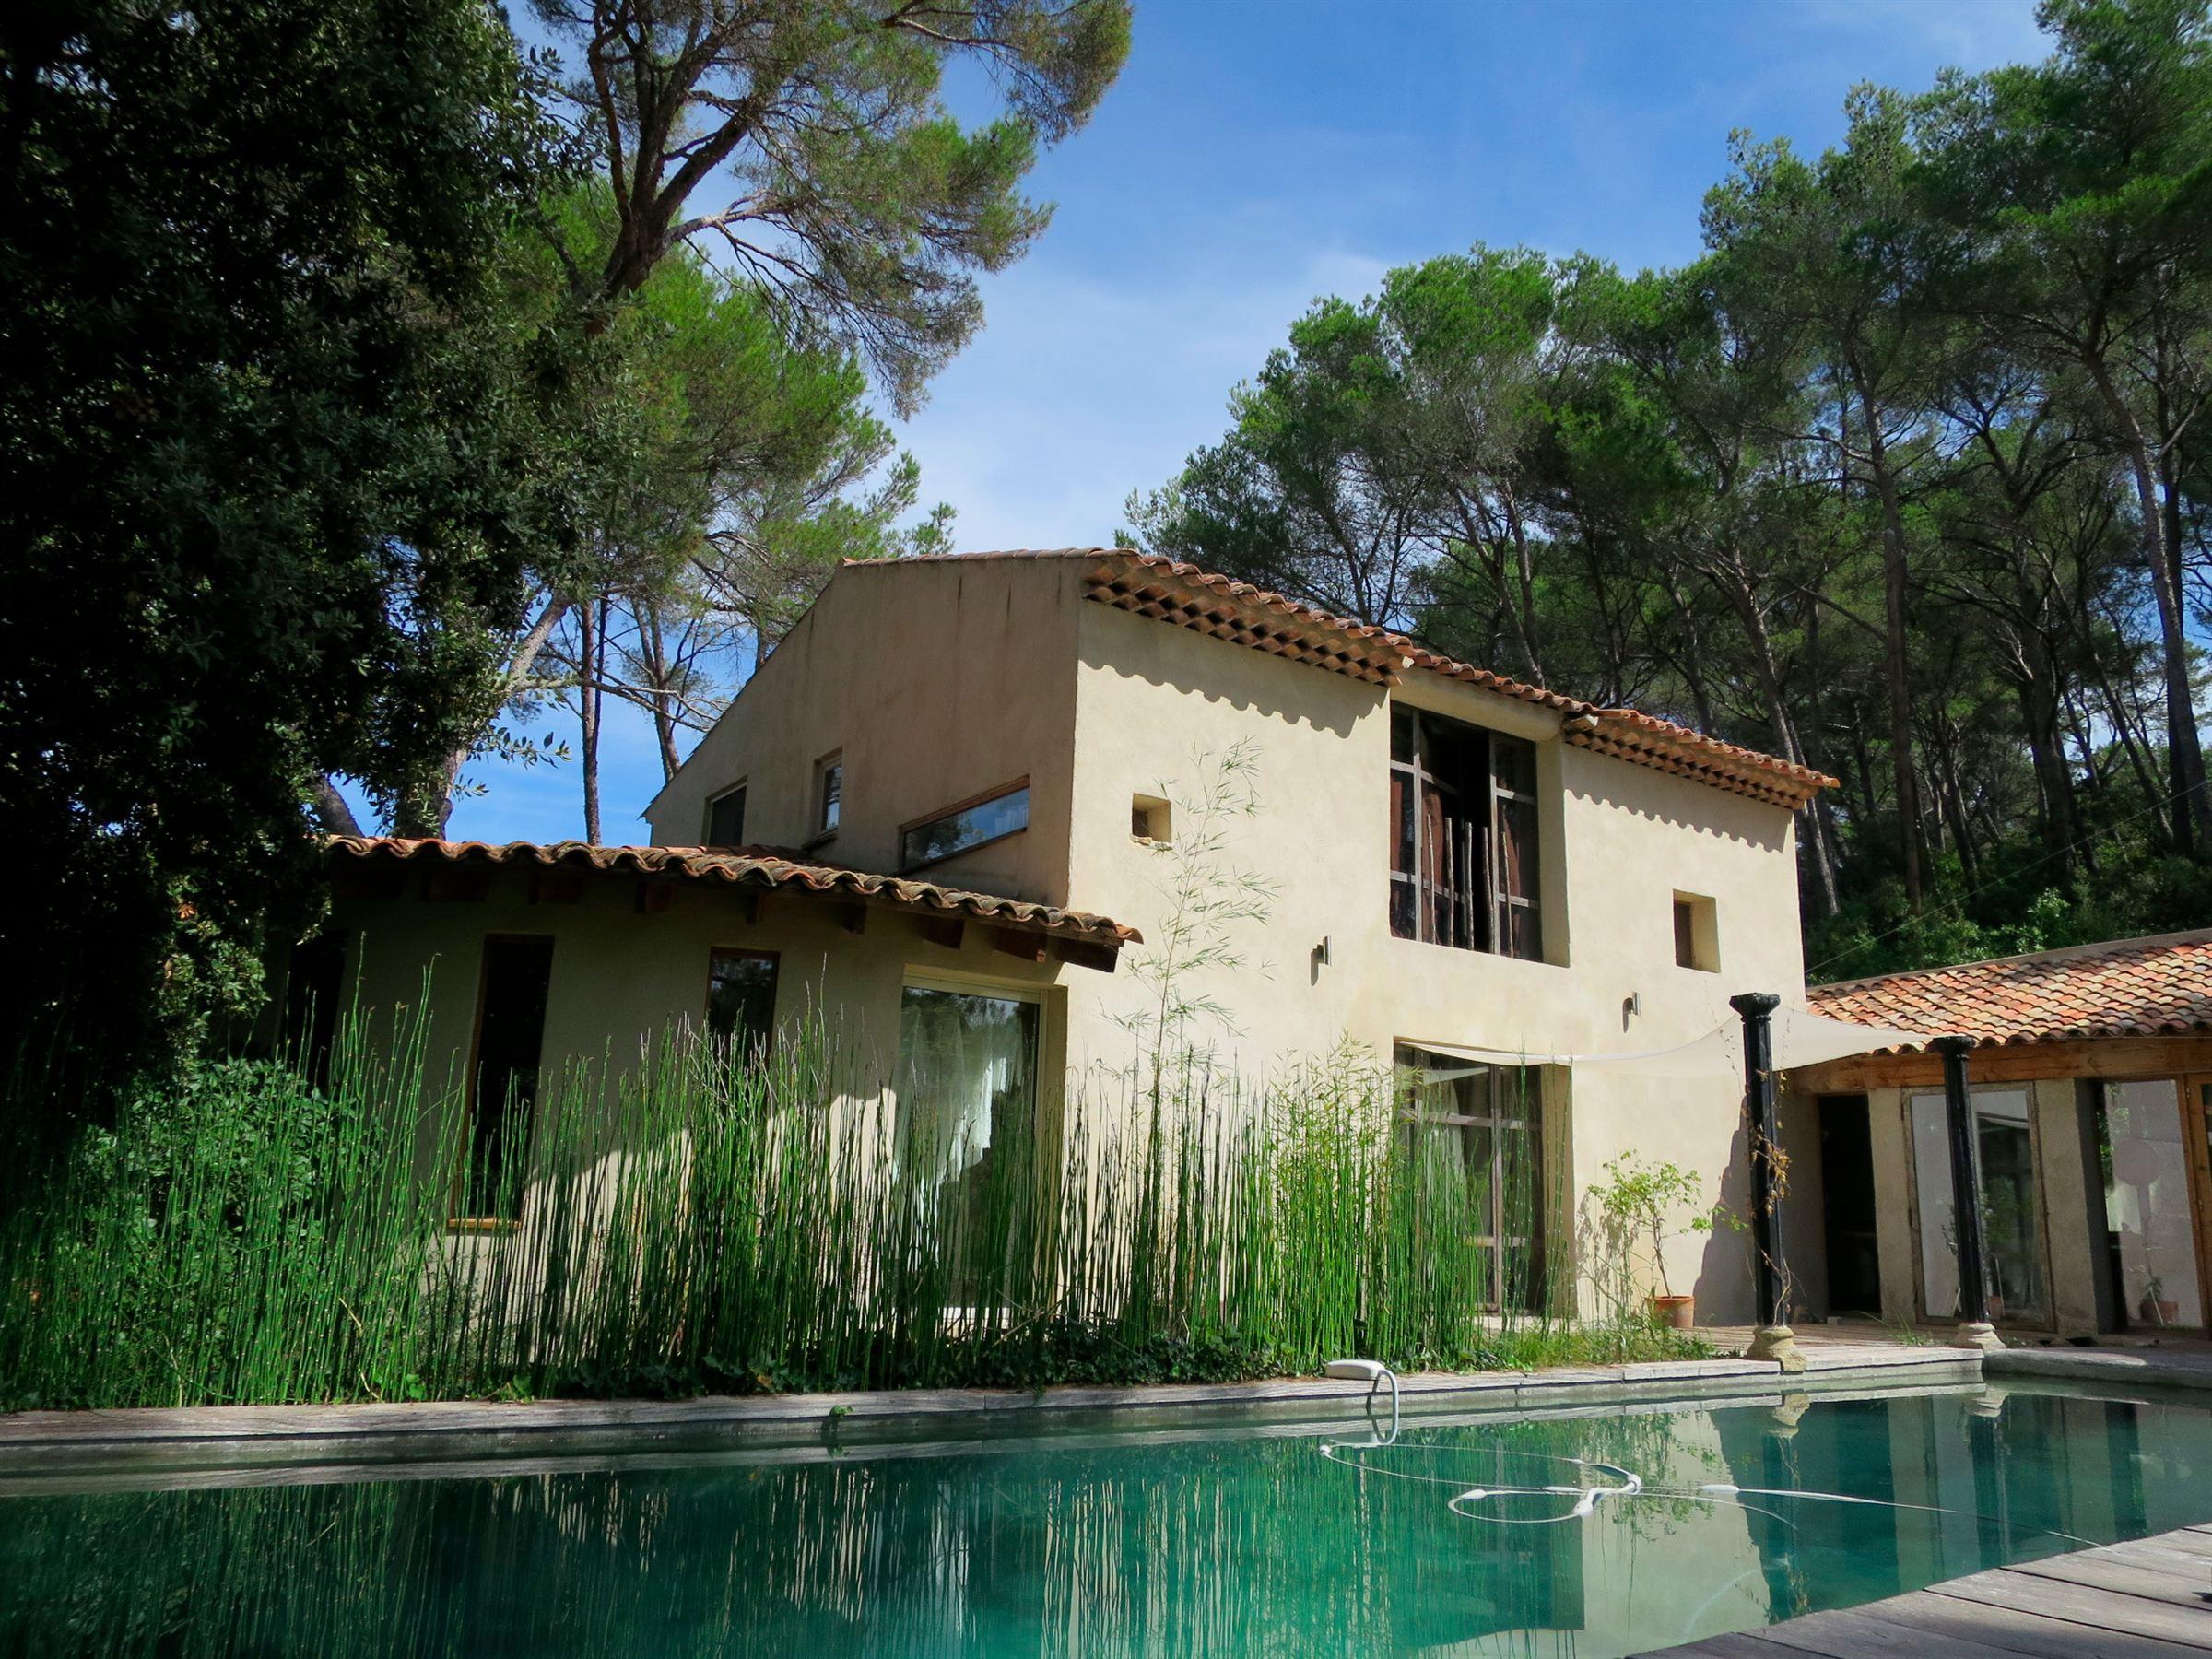 Single Family Home for Sale at AIX - LES TROIS SAUTETS Other Provence-Alpes-Cote D'Azur, Provence-Alpes-Cote D'Azur, 13100 France